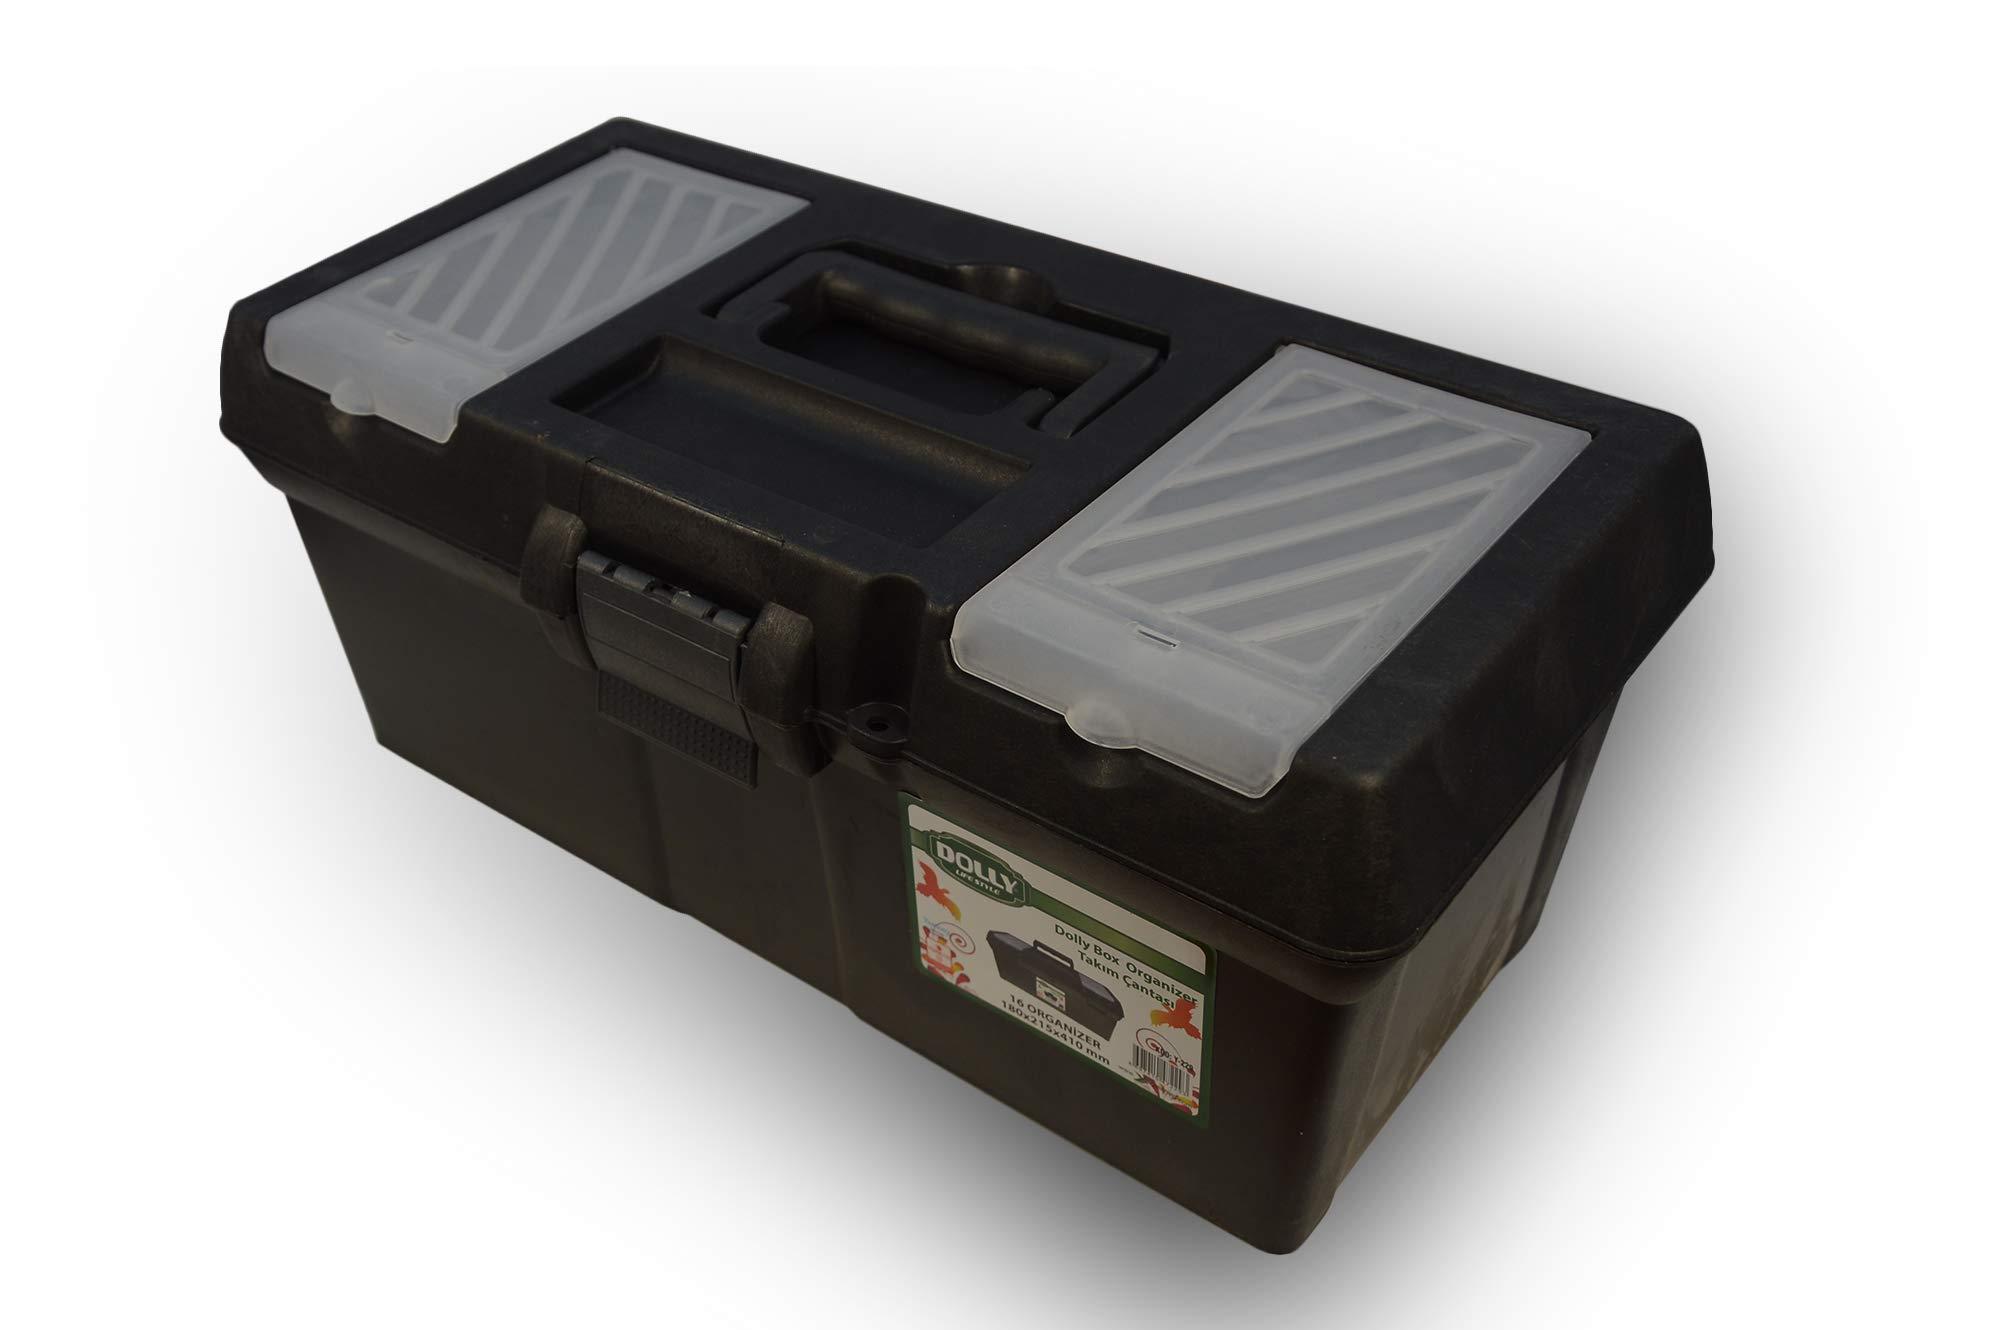 16günstig Herramientas vacía Caja de herramientas caja de herramientas caja de herramientas solleo: Amazon.es: Bricolaje y herramientas